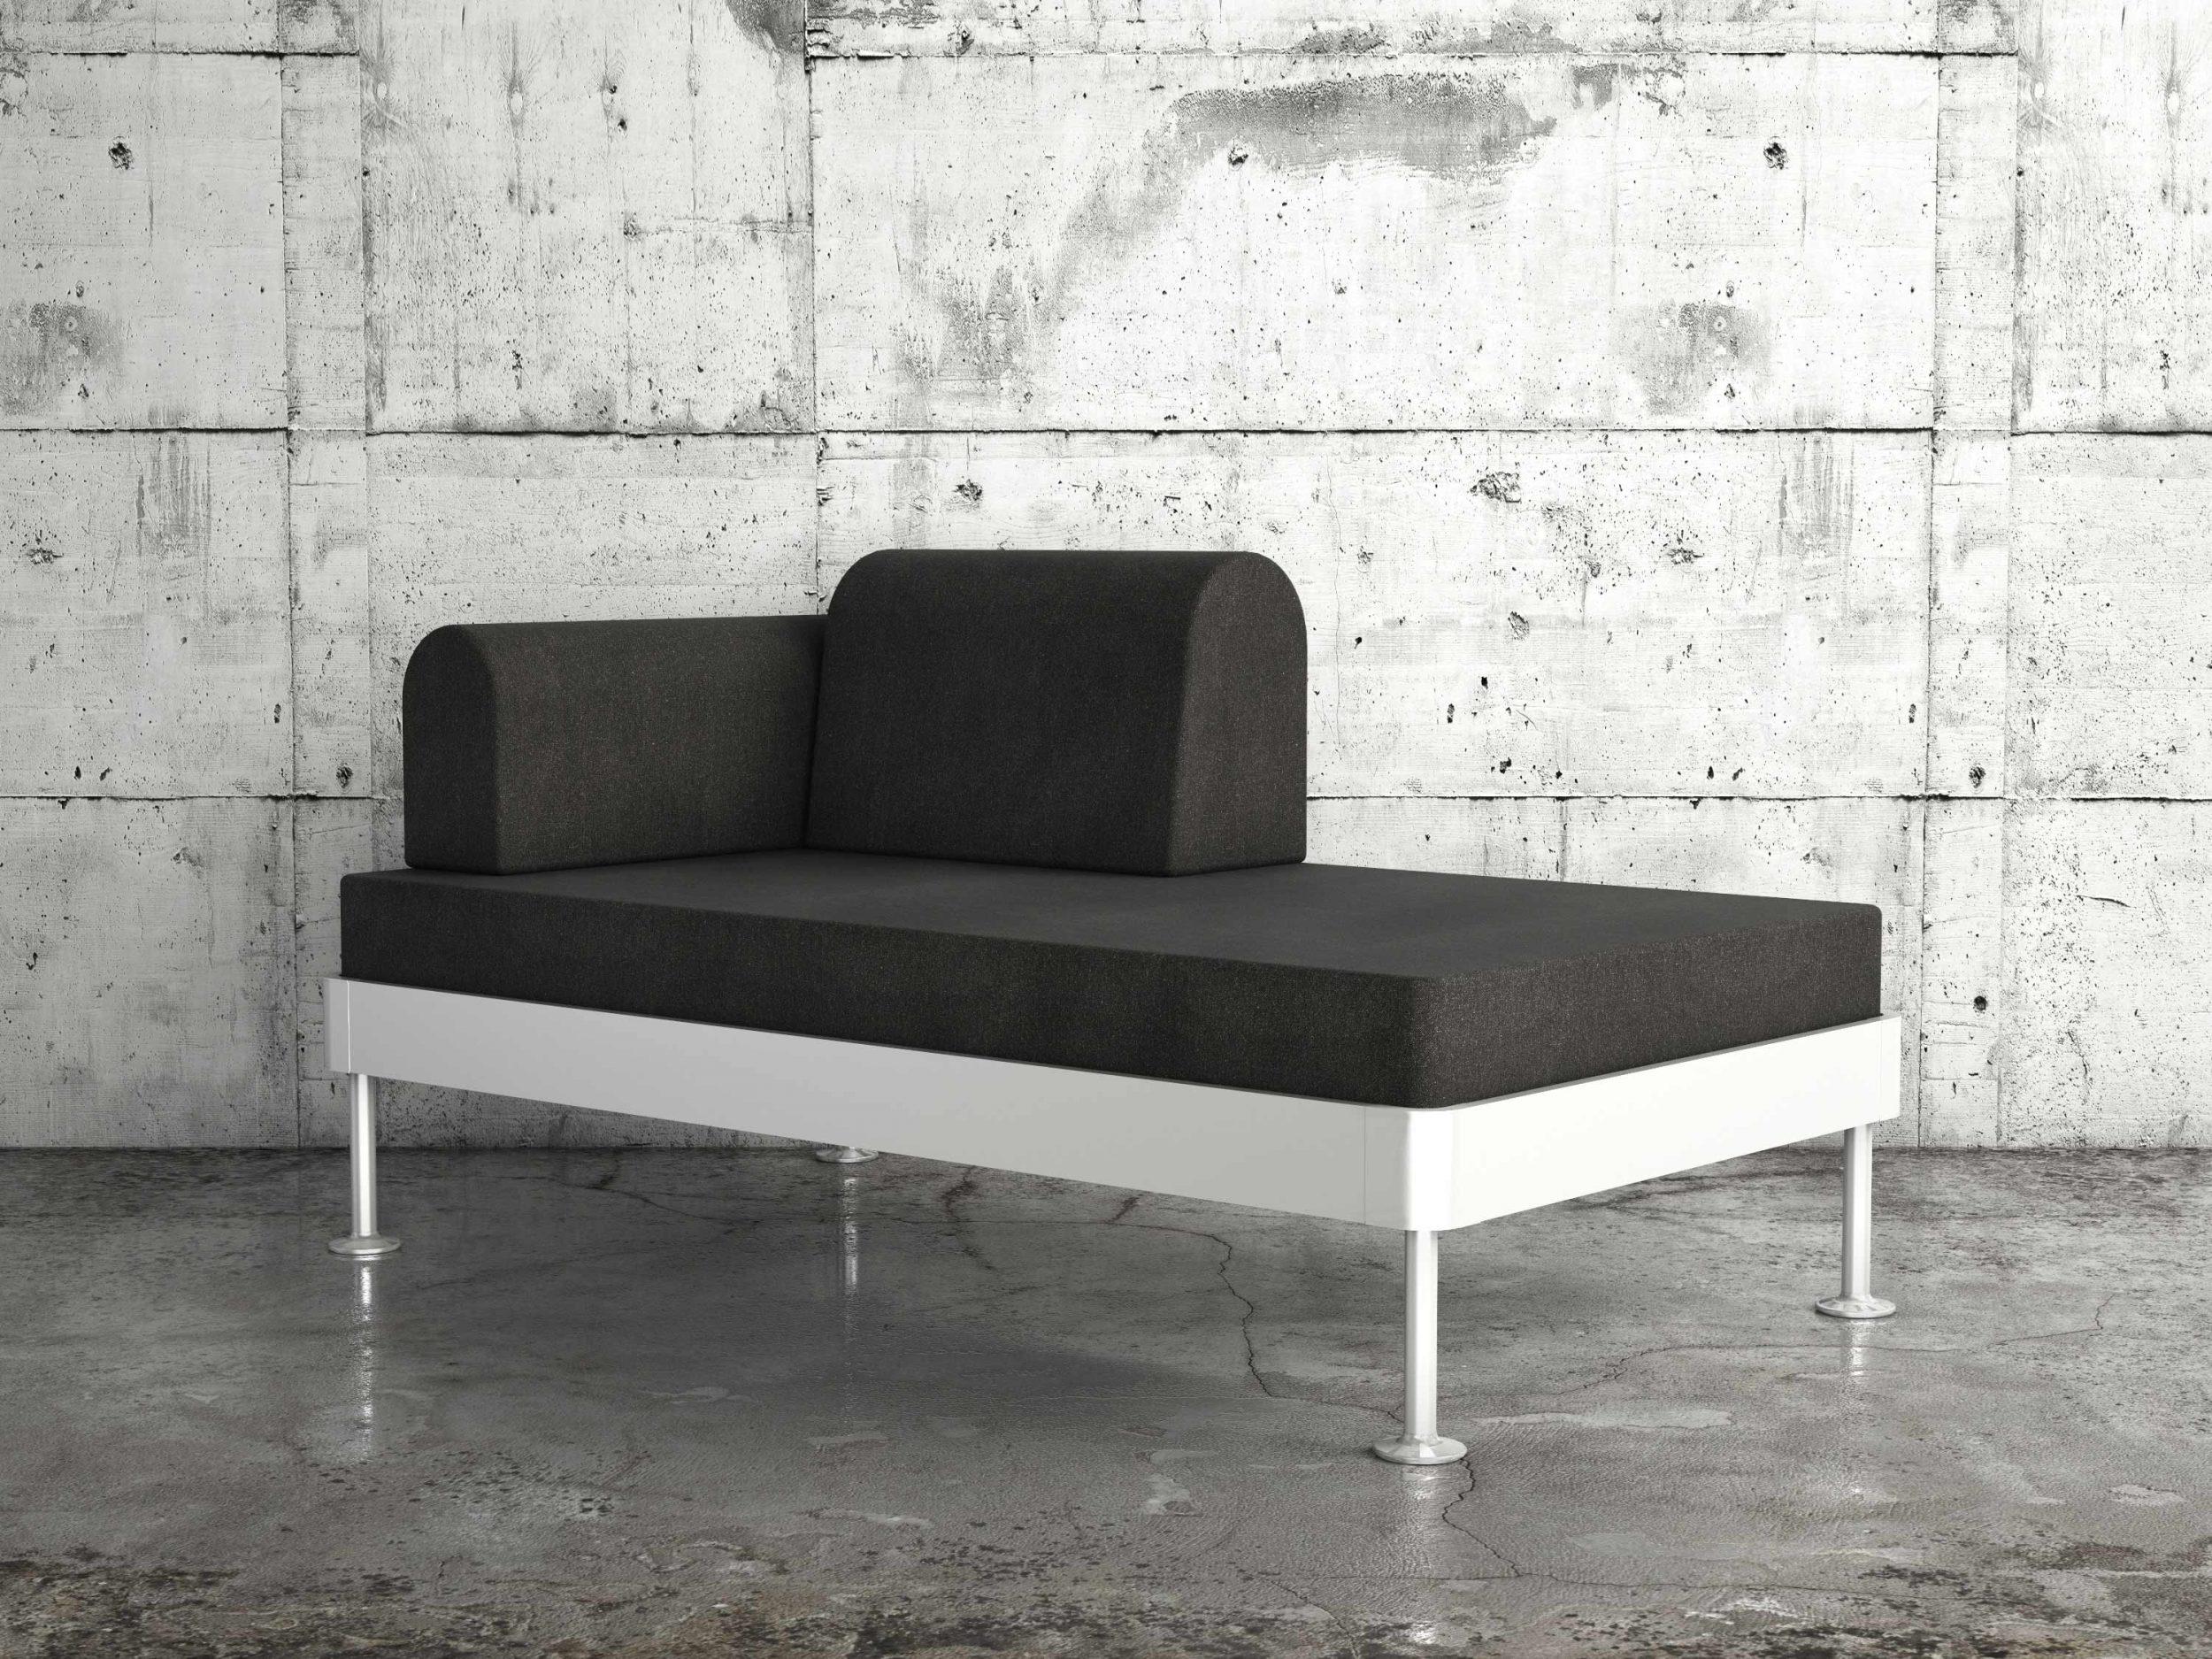 das neue ikea-sofa von star-designer tom dixon macht seine fans